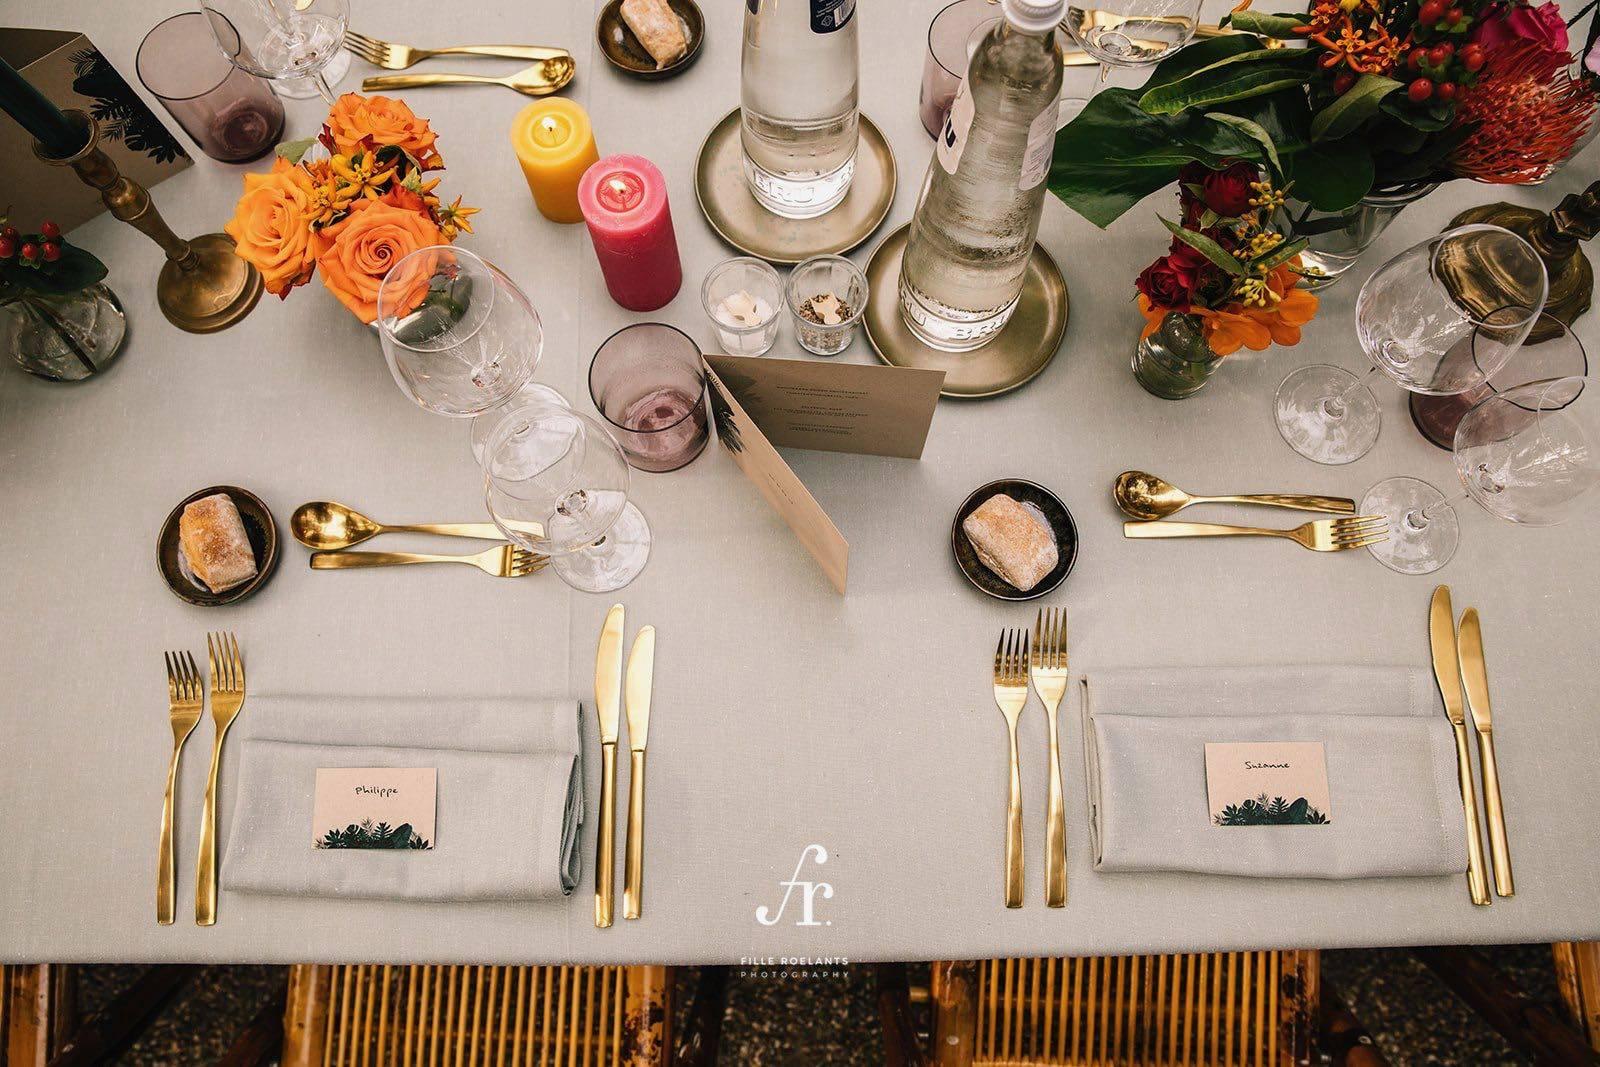 Gastronomie Nicolas - Catering - Traiteur - Trouw - Huwelijk - Bruiloft - House of Weddings - 3